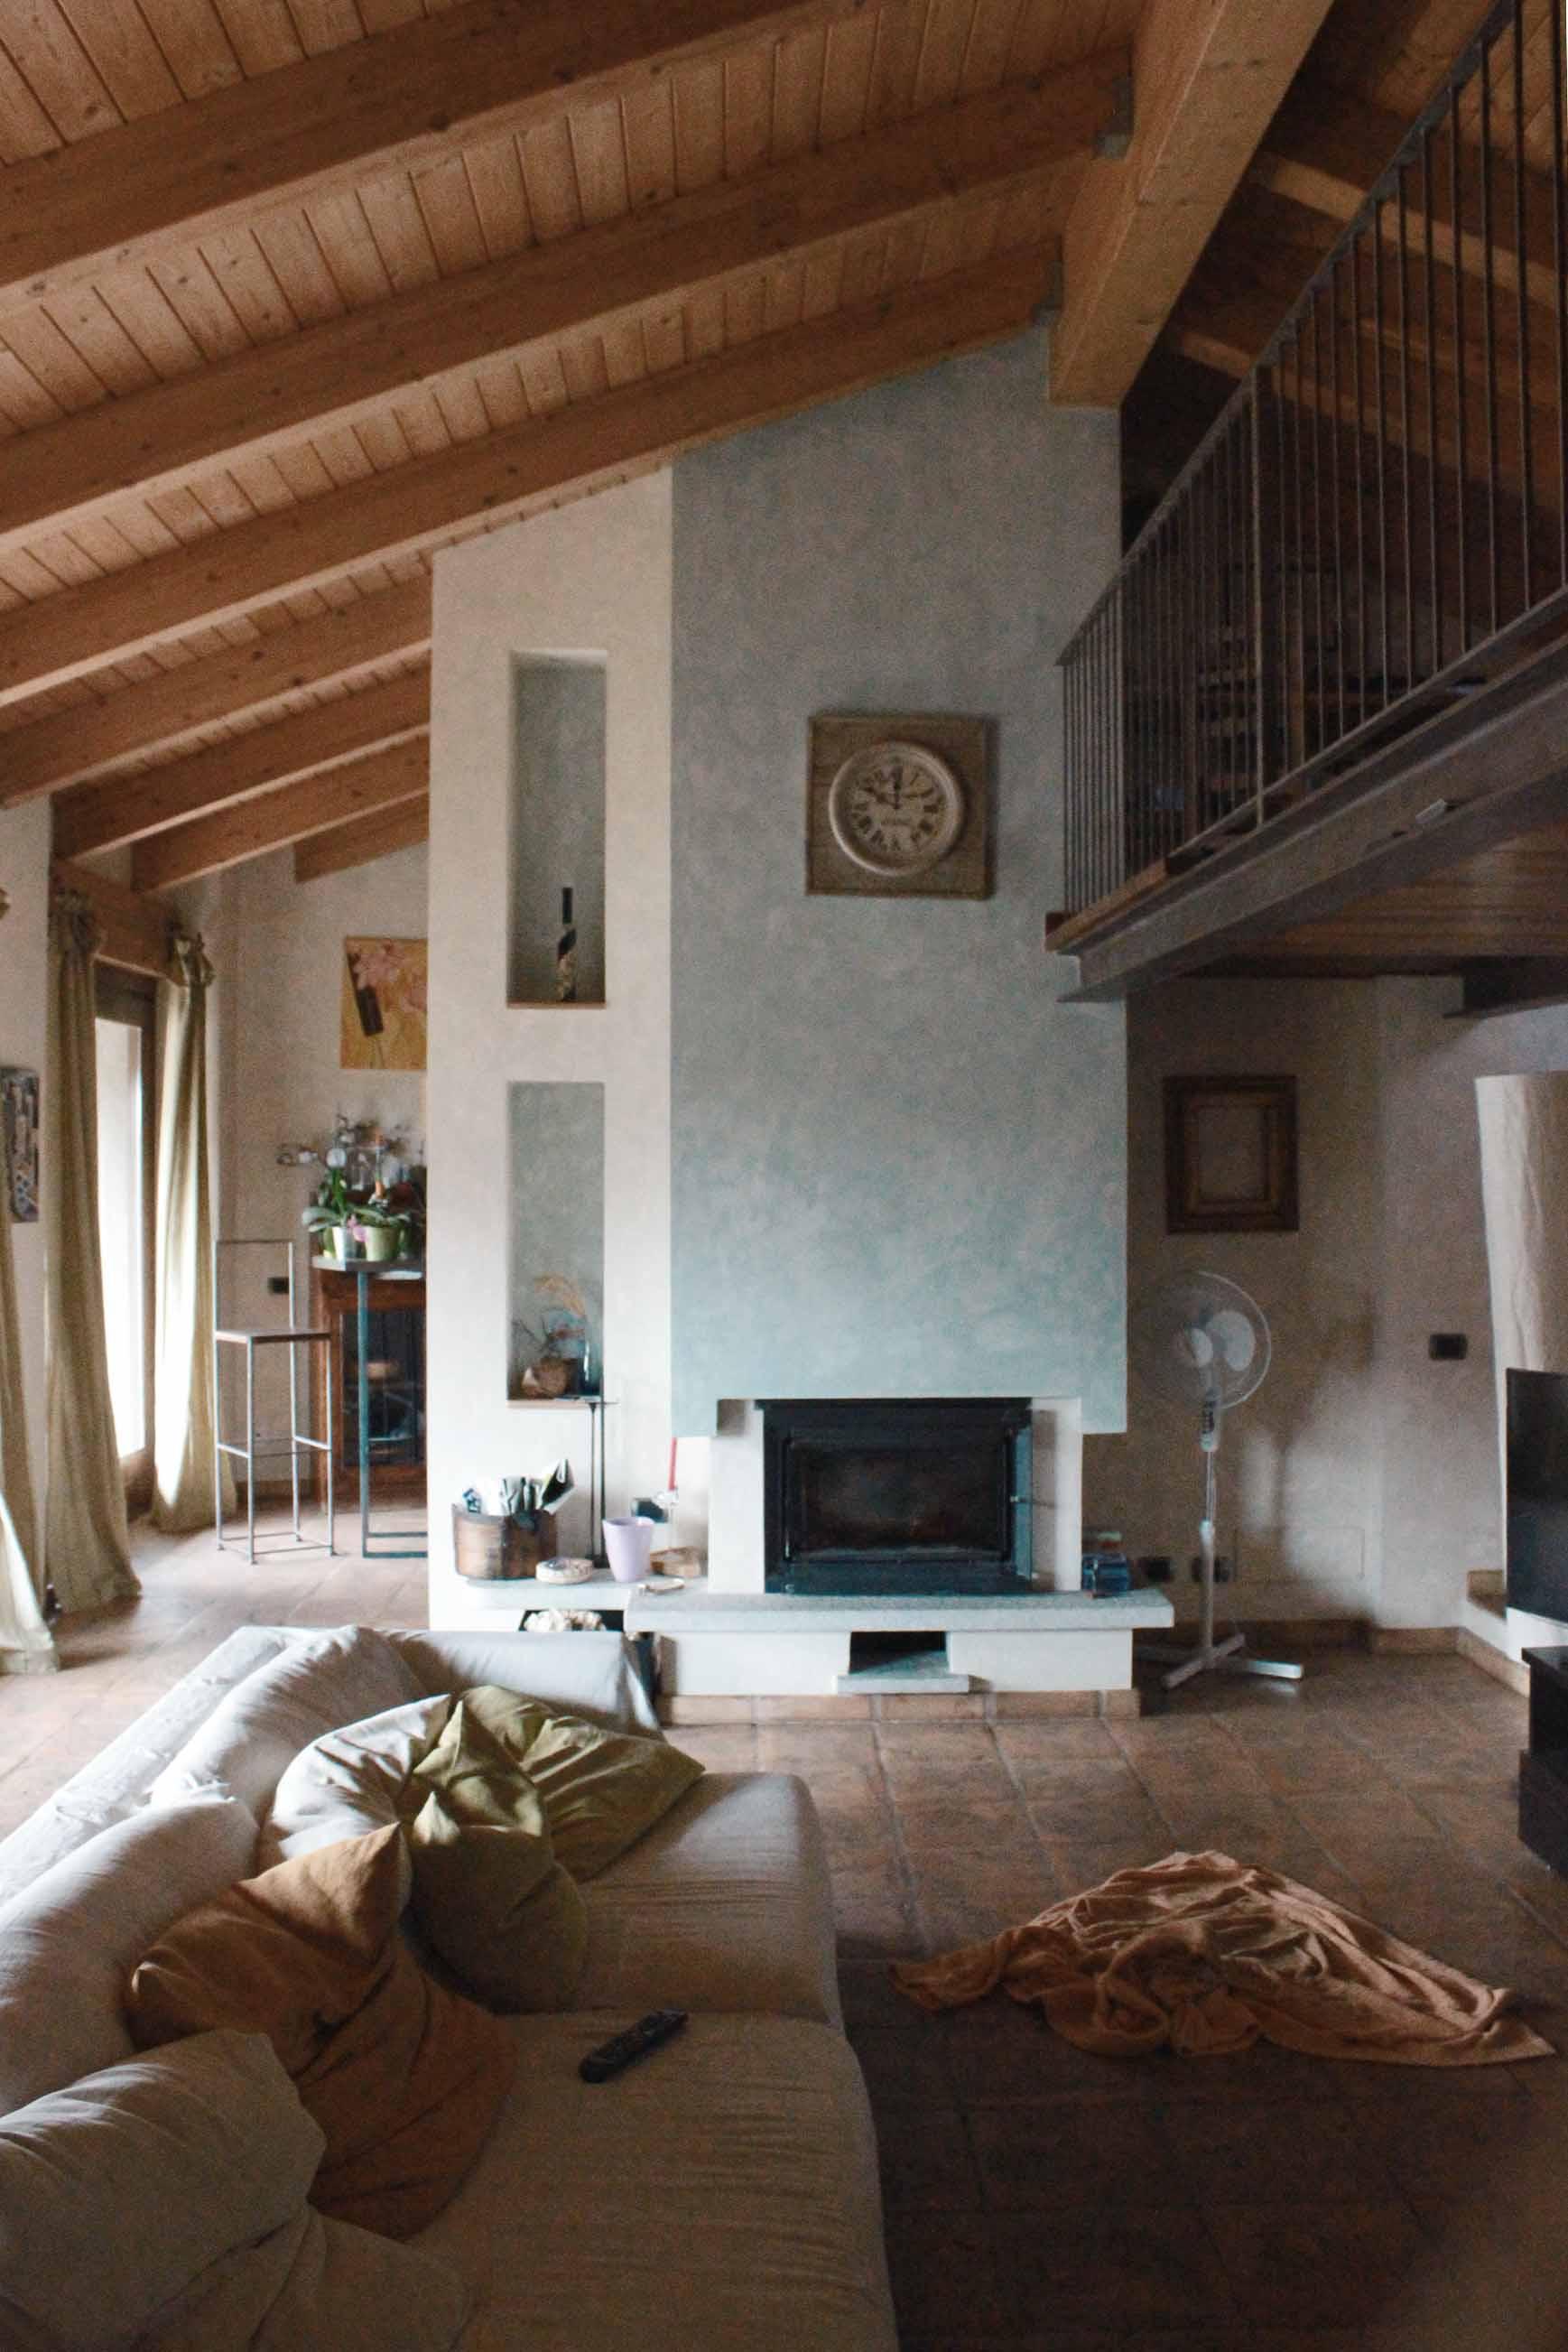 Alberto-Nisci-interior-designer-torino-Appartamento-1